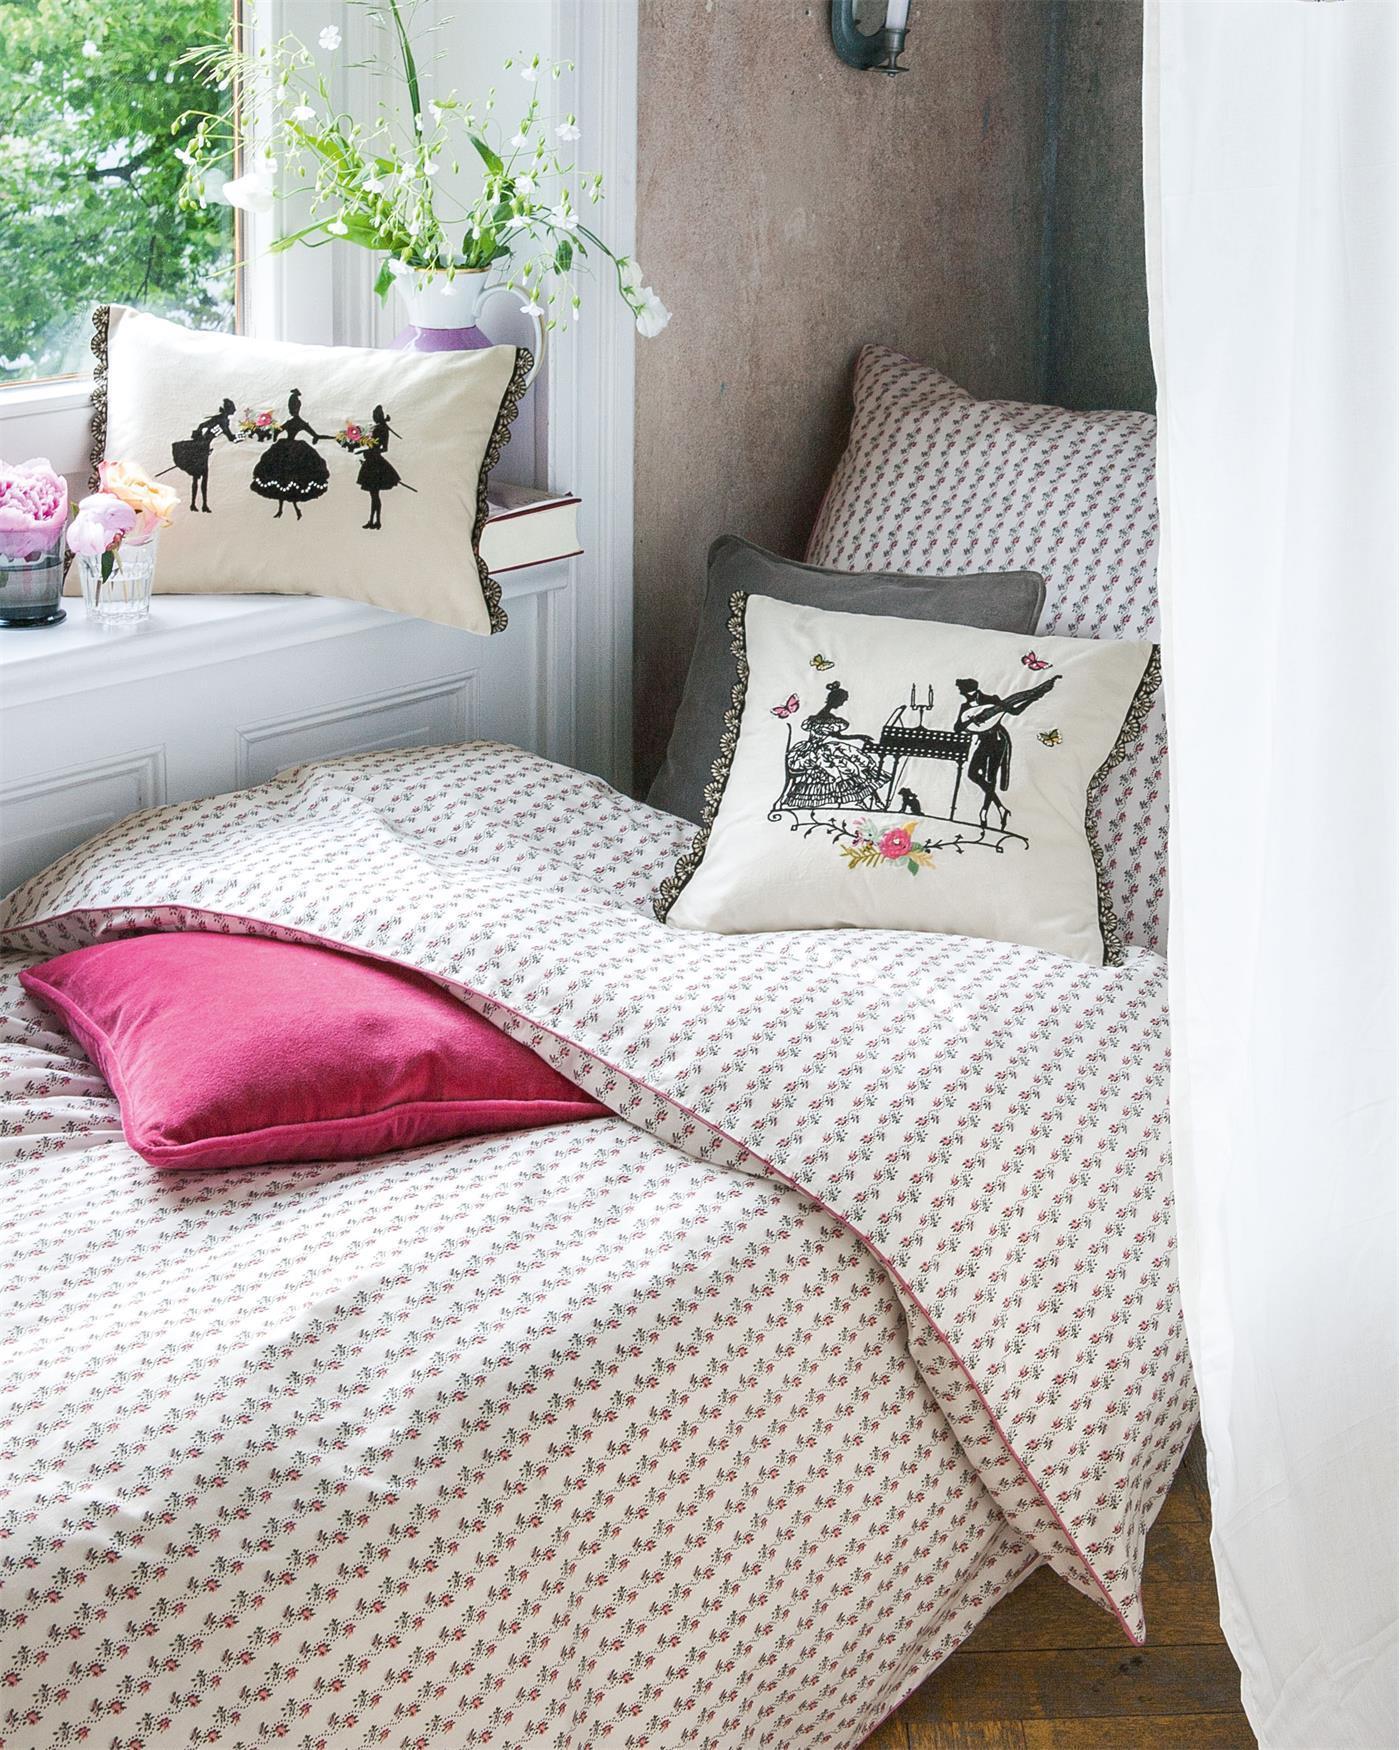 bettw sche blumenranke finden sie auf. Black Bedroom Furniture Sets. Home Design Ideas